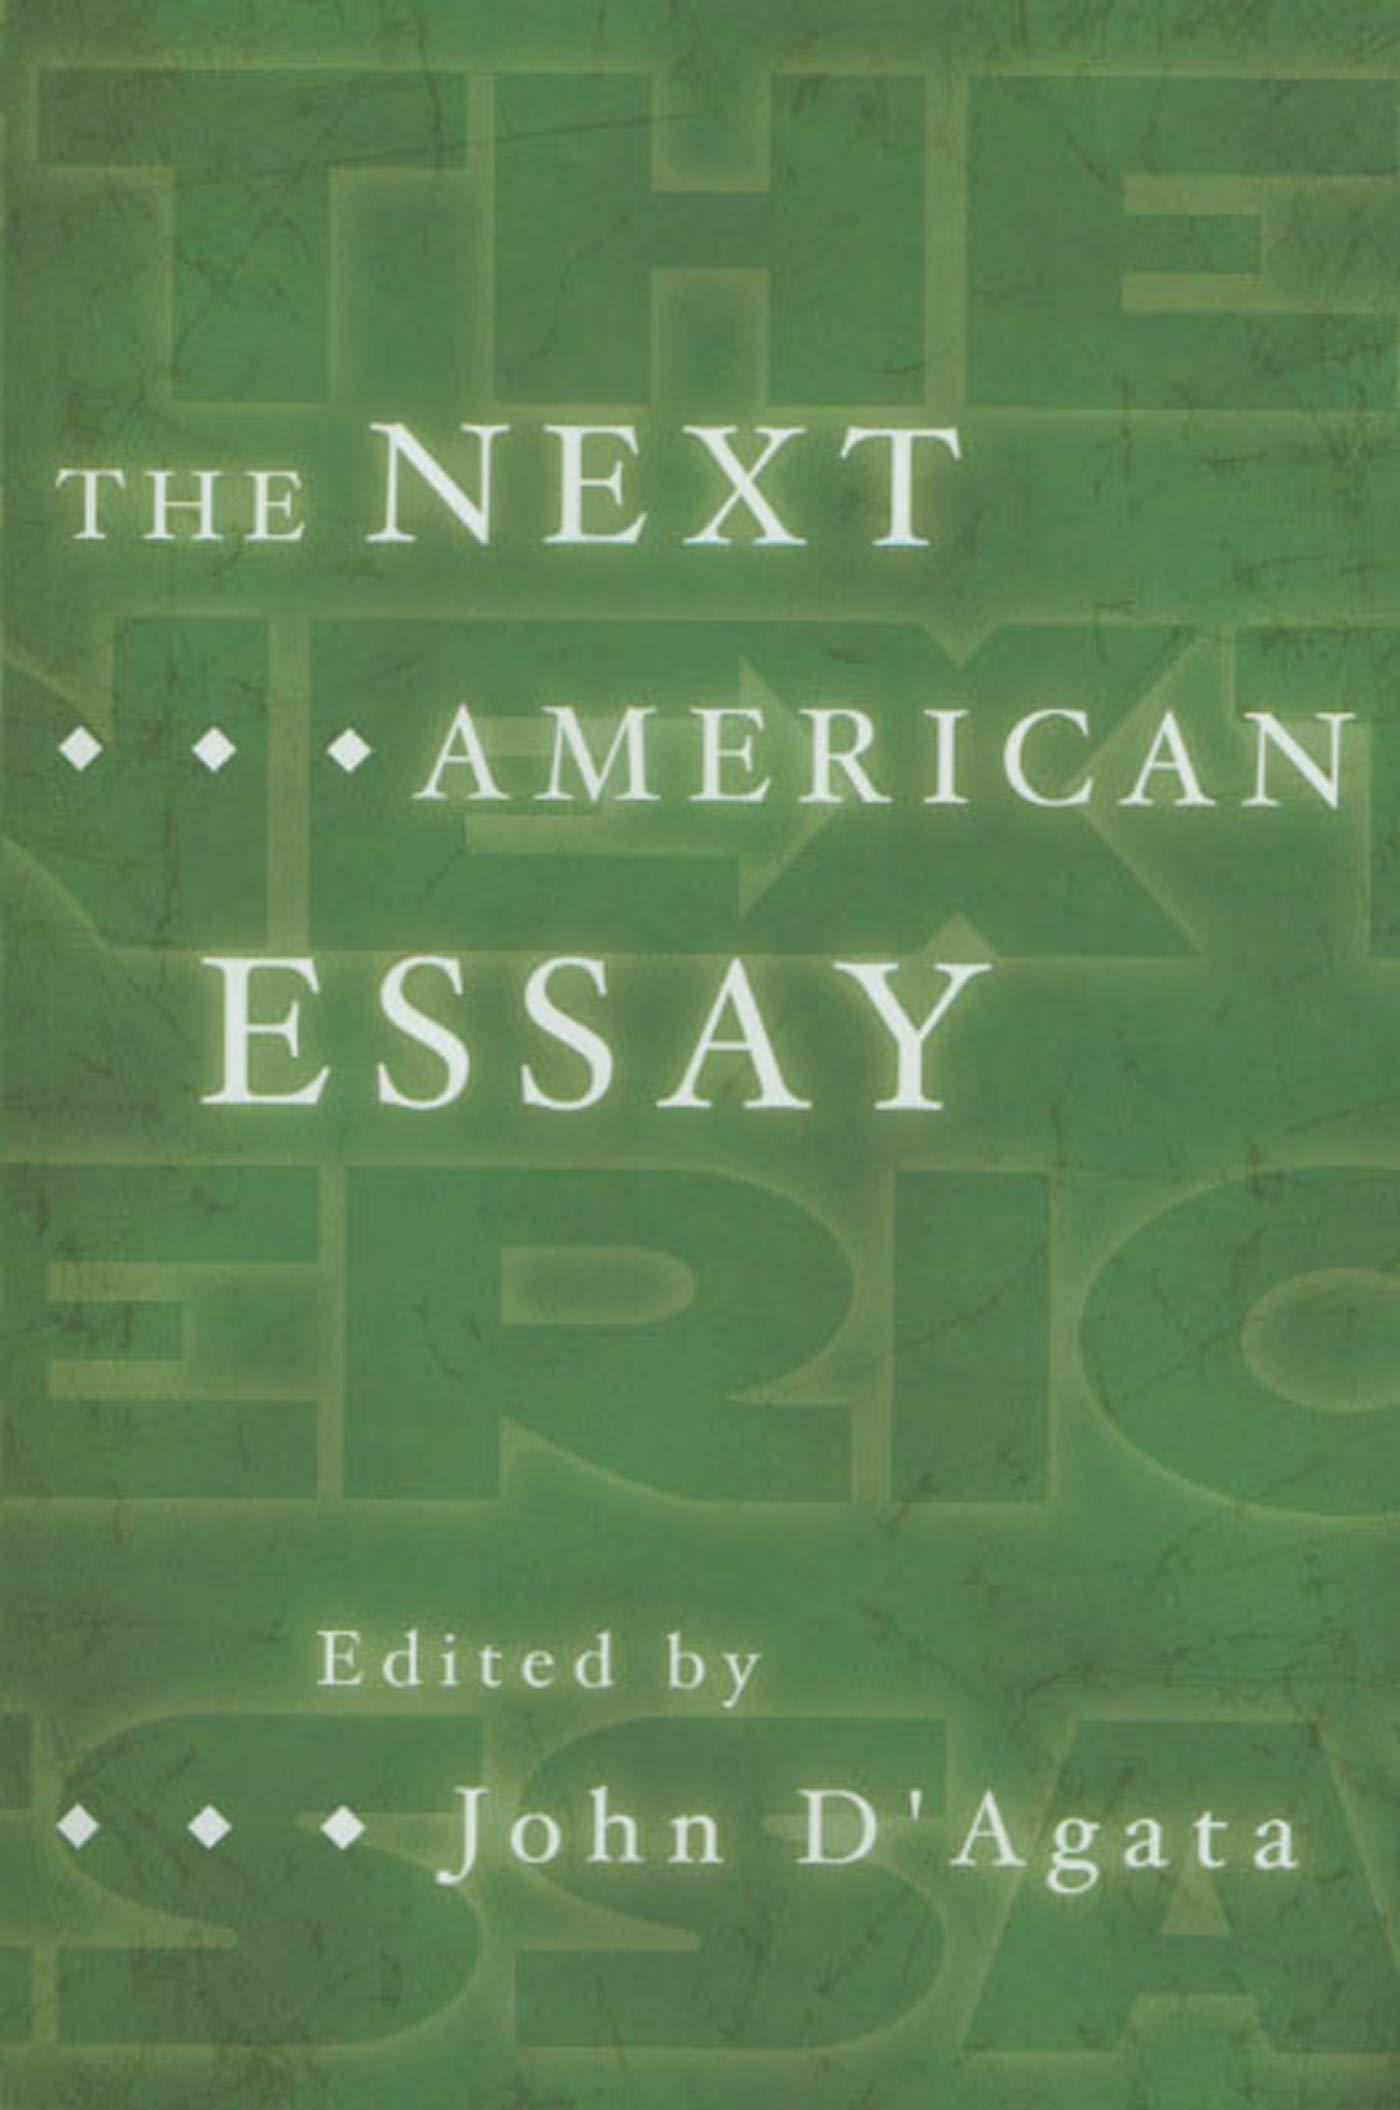 024 61uwmdqvqdl American Essay Striking Topics Titles Format Full